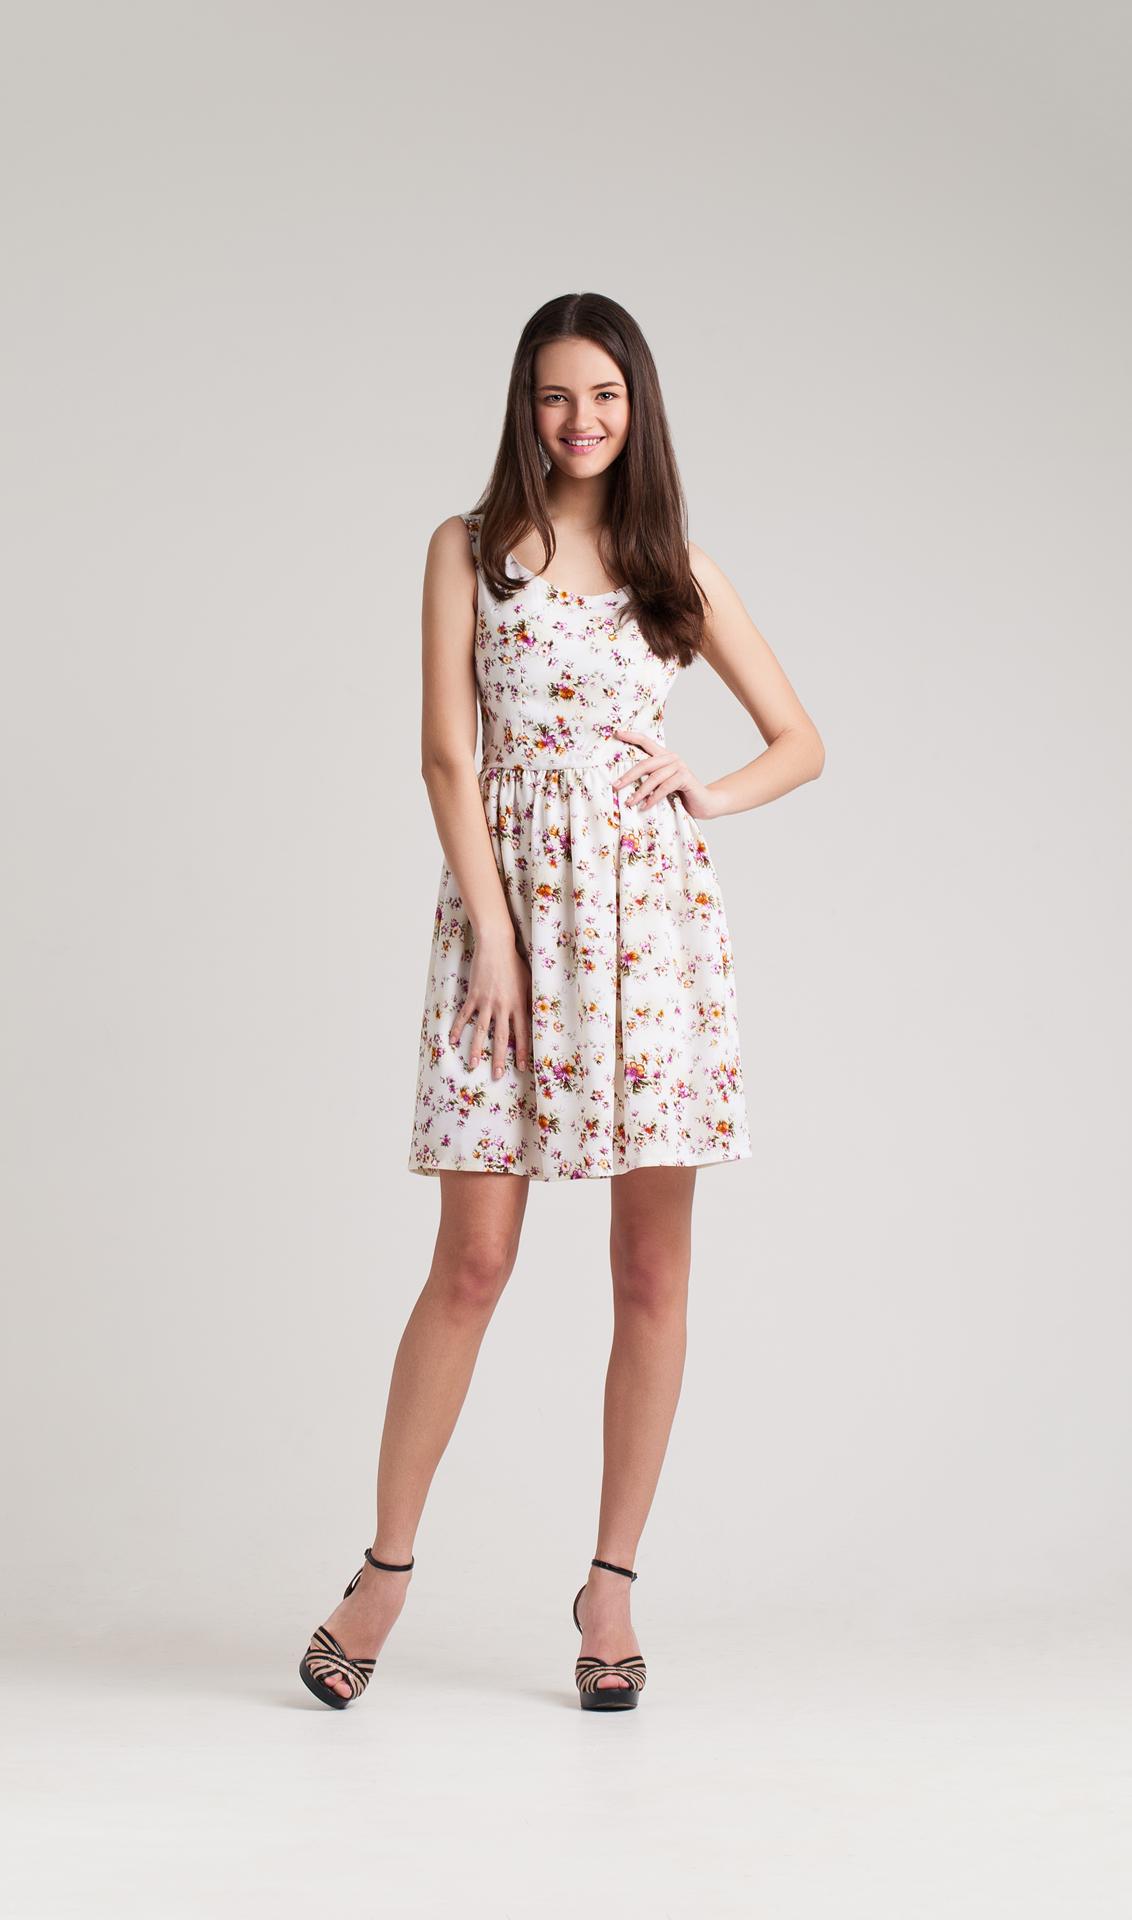 Modelo no vestido do verão